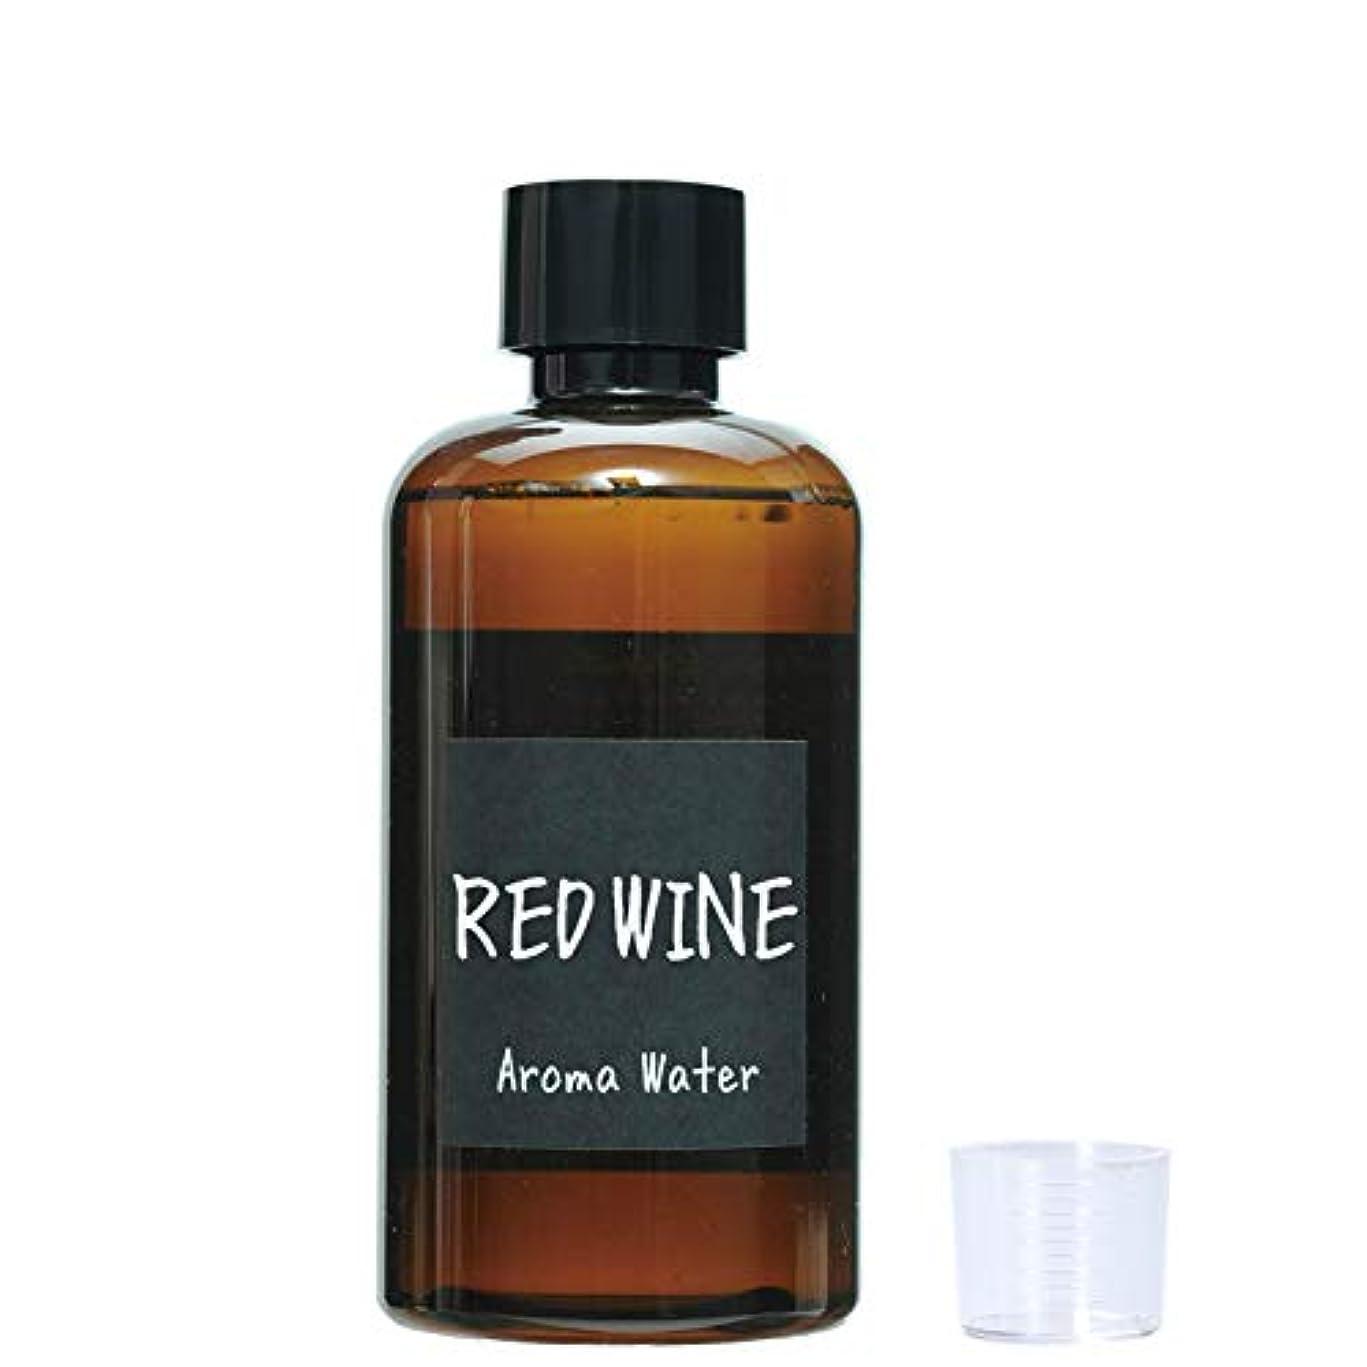 【計量カップ付き】John's Blend (ジョンズブレンド) アロマウォーター 520ml レッドワイン ノルコーポレーション OAJON2305 加湿器用